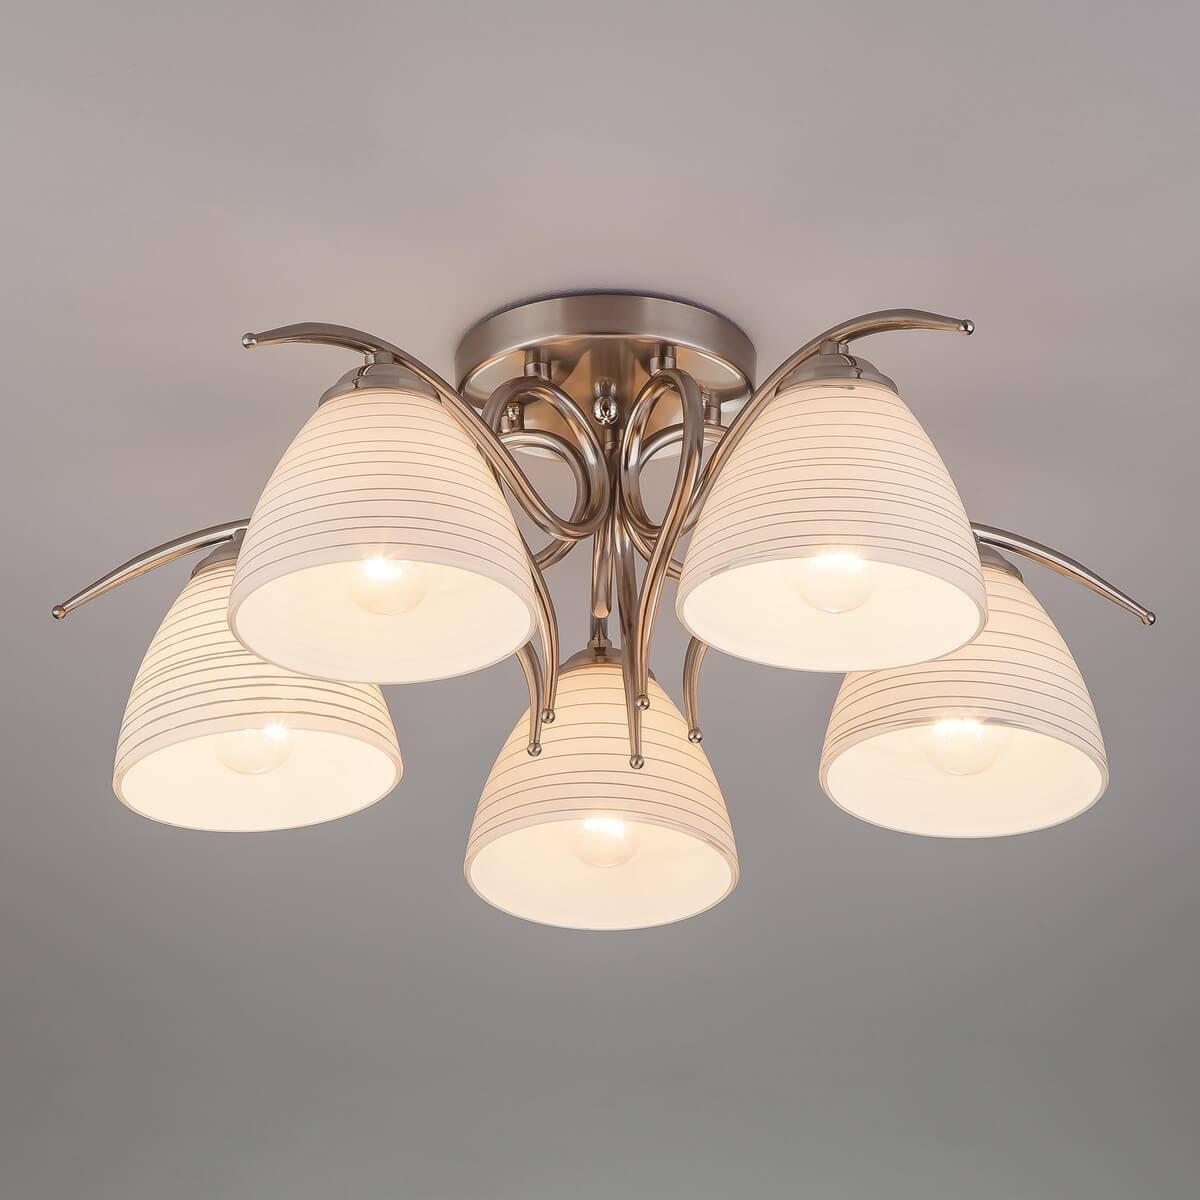 Потолочный светильник Eurosvet 30121/5 сатин-никель